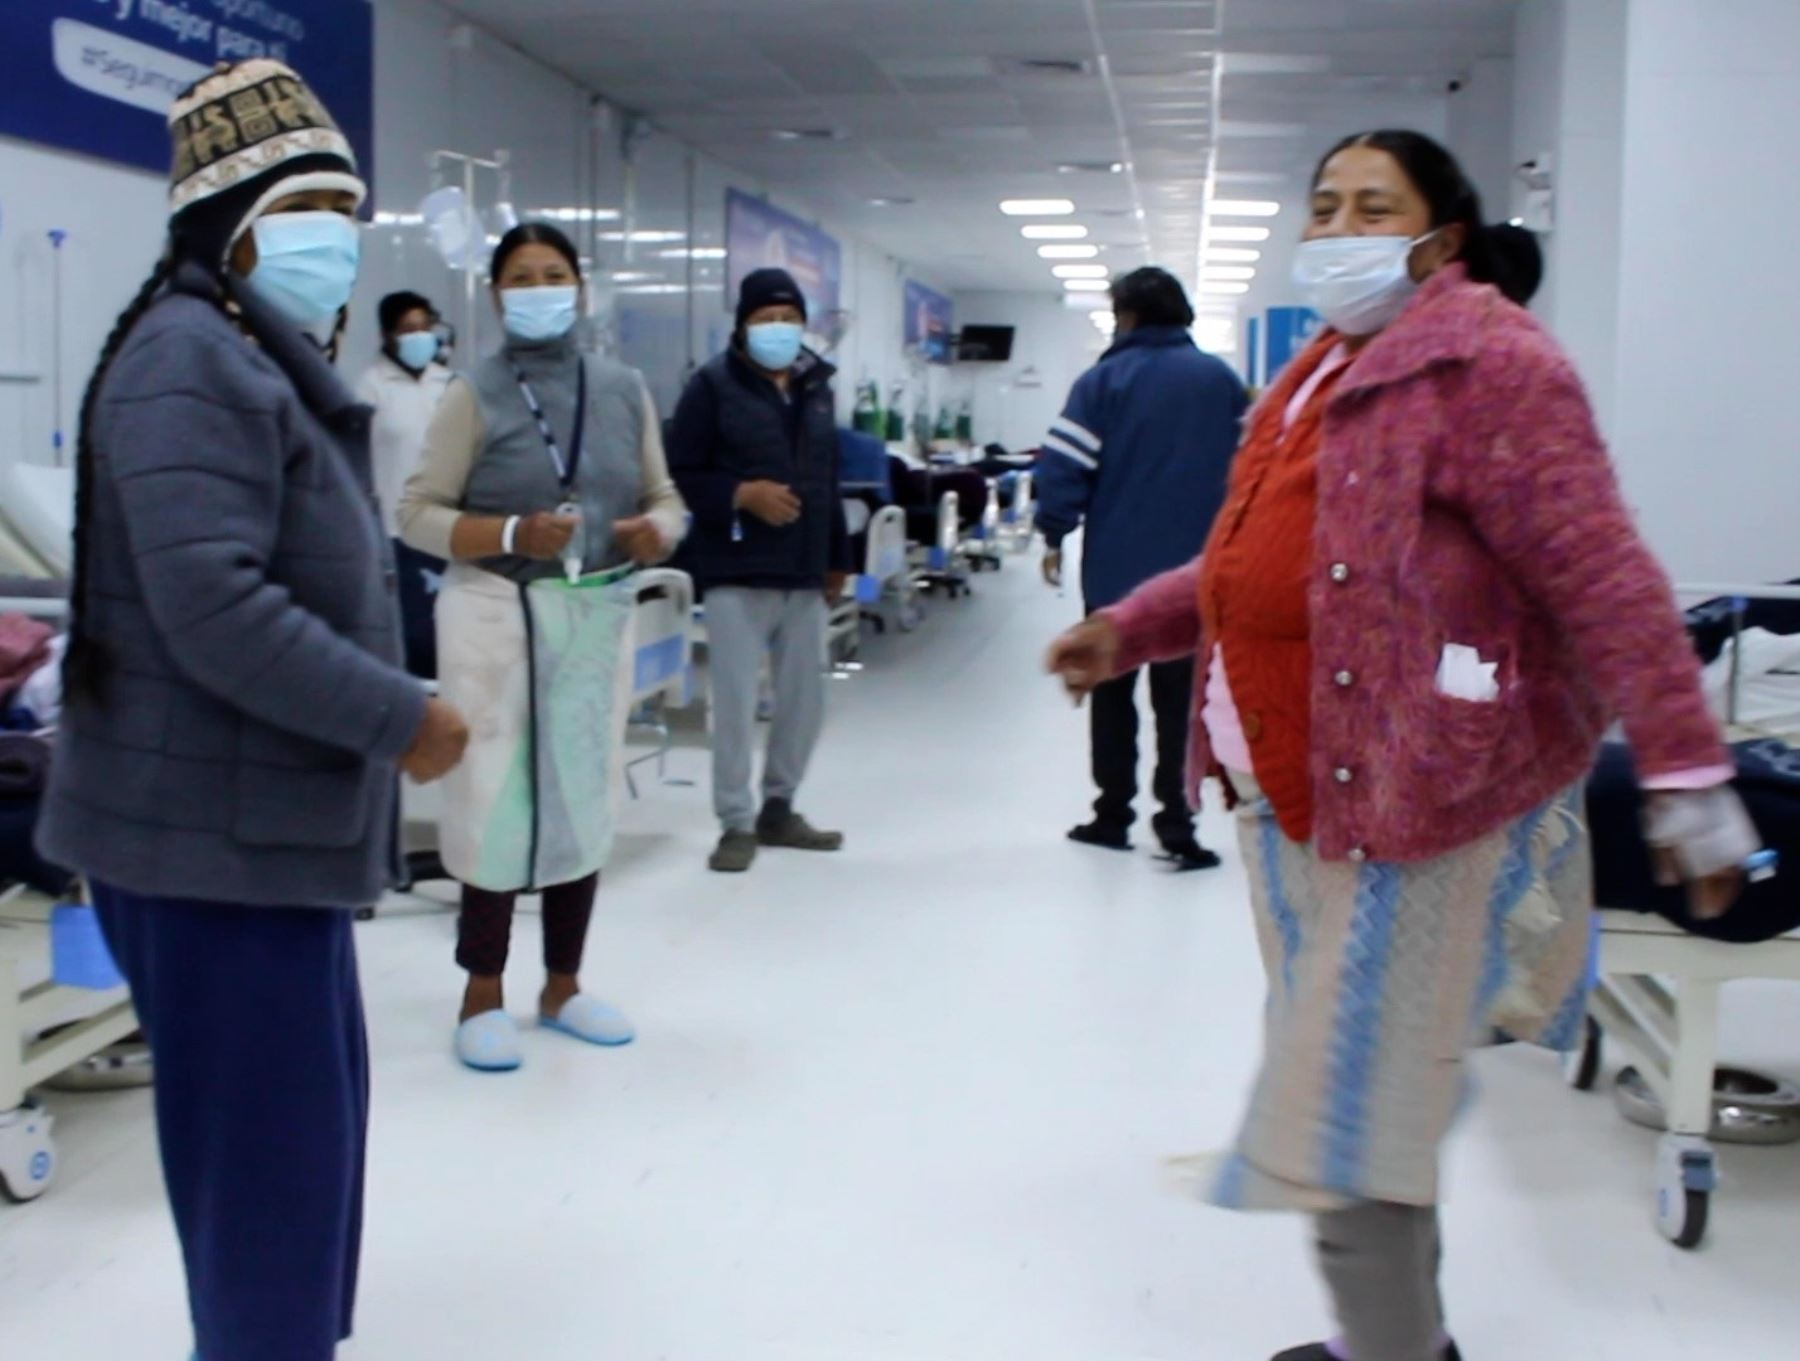 EsSalud Puno incluye a las danzas tradicionales La Diablada y Morenada en programa de bailoterapia dirigido a pacientes covid-19 de esa región.